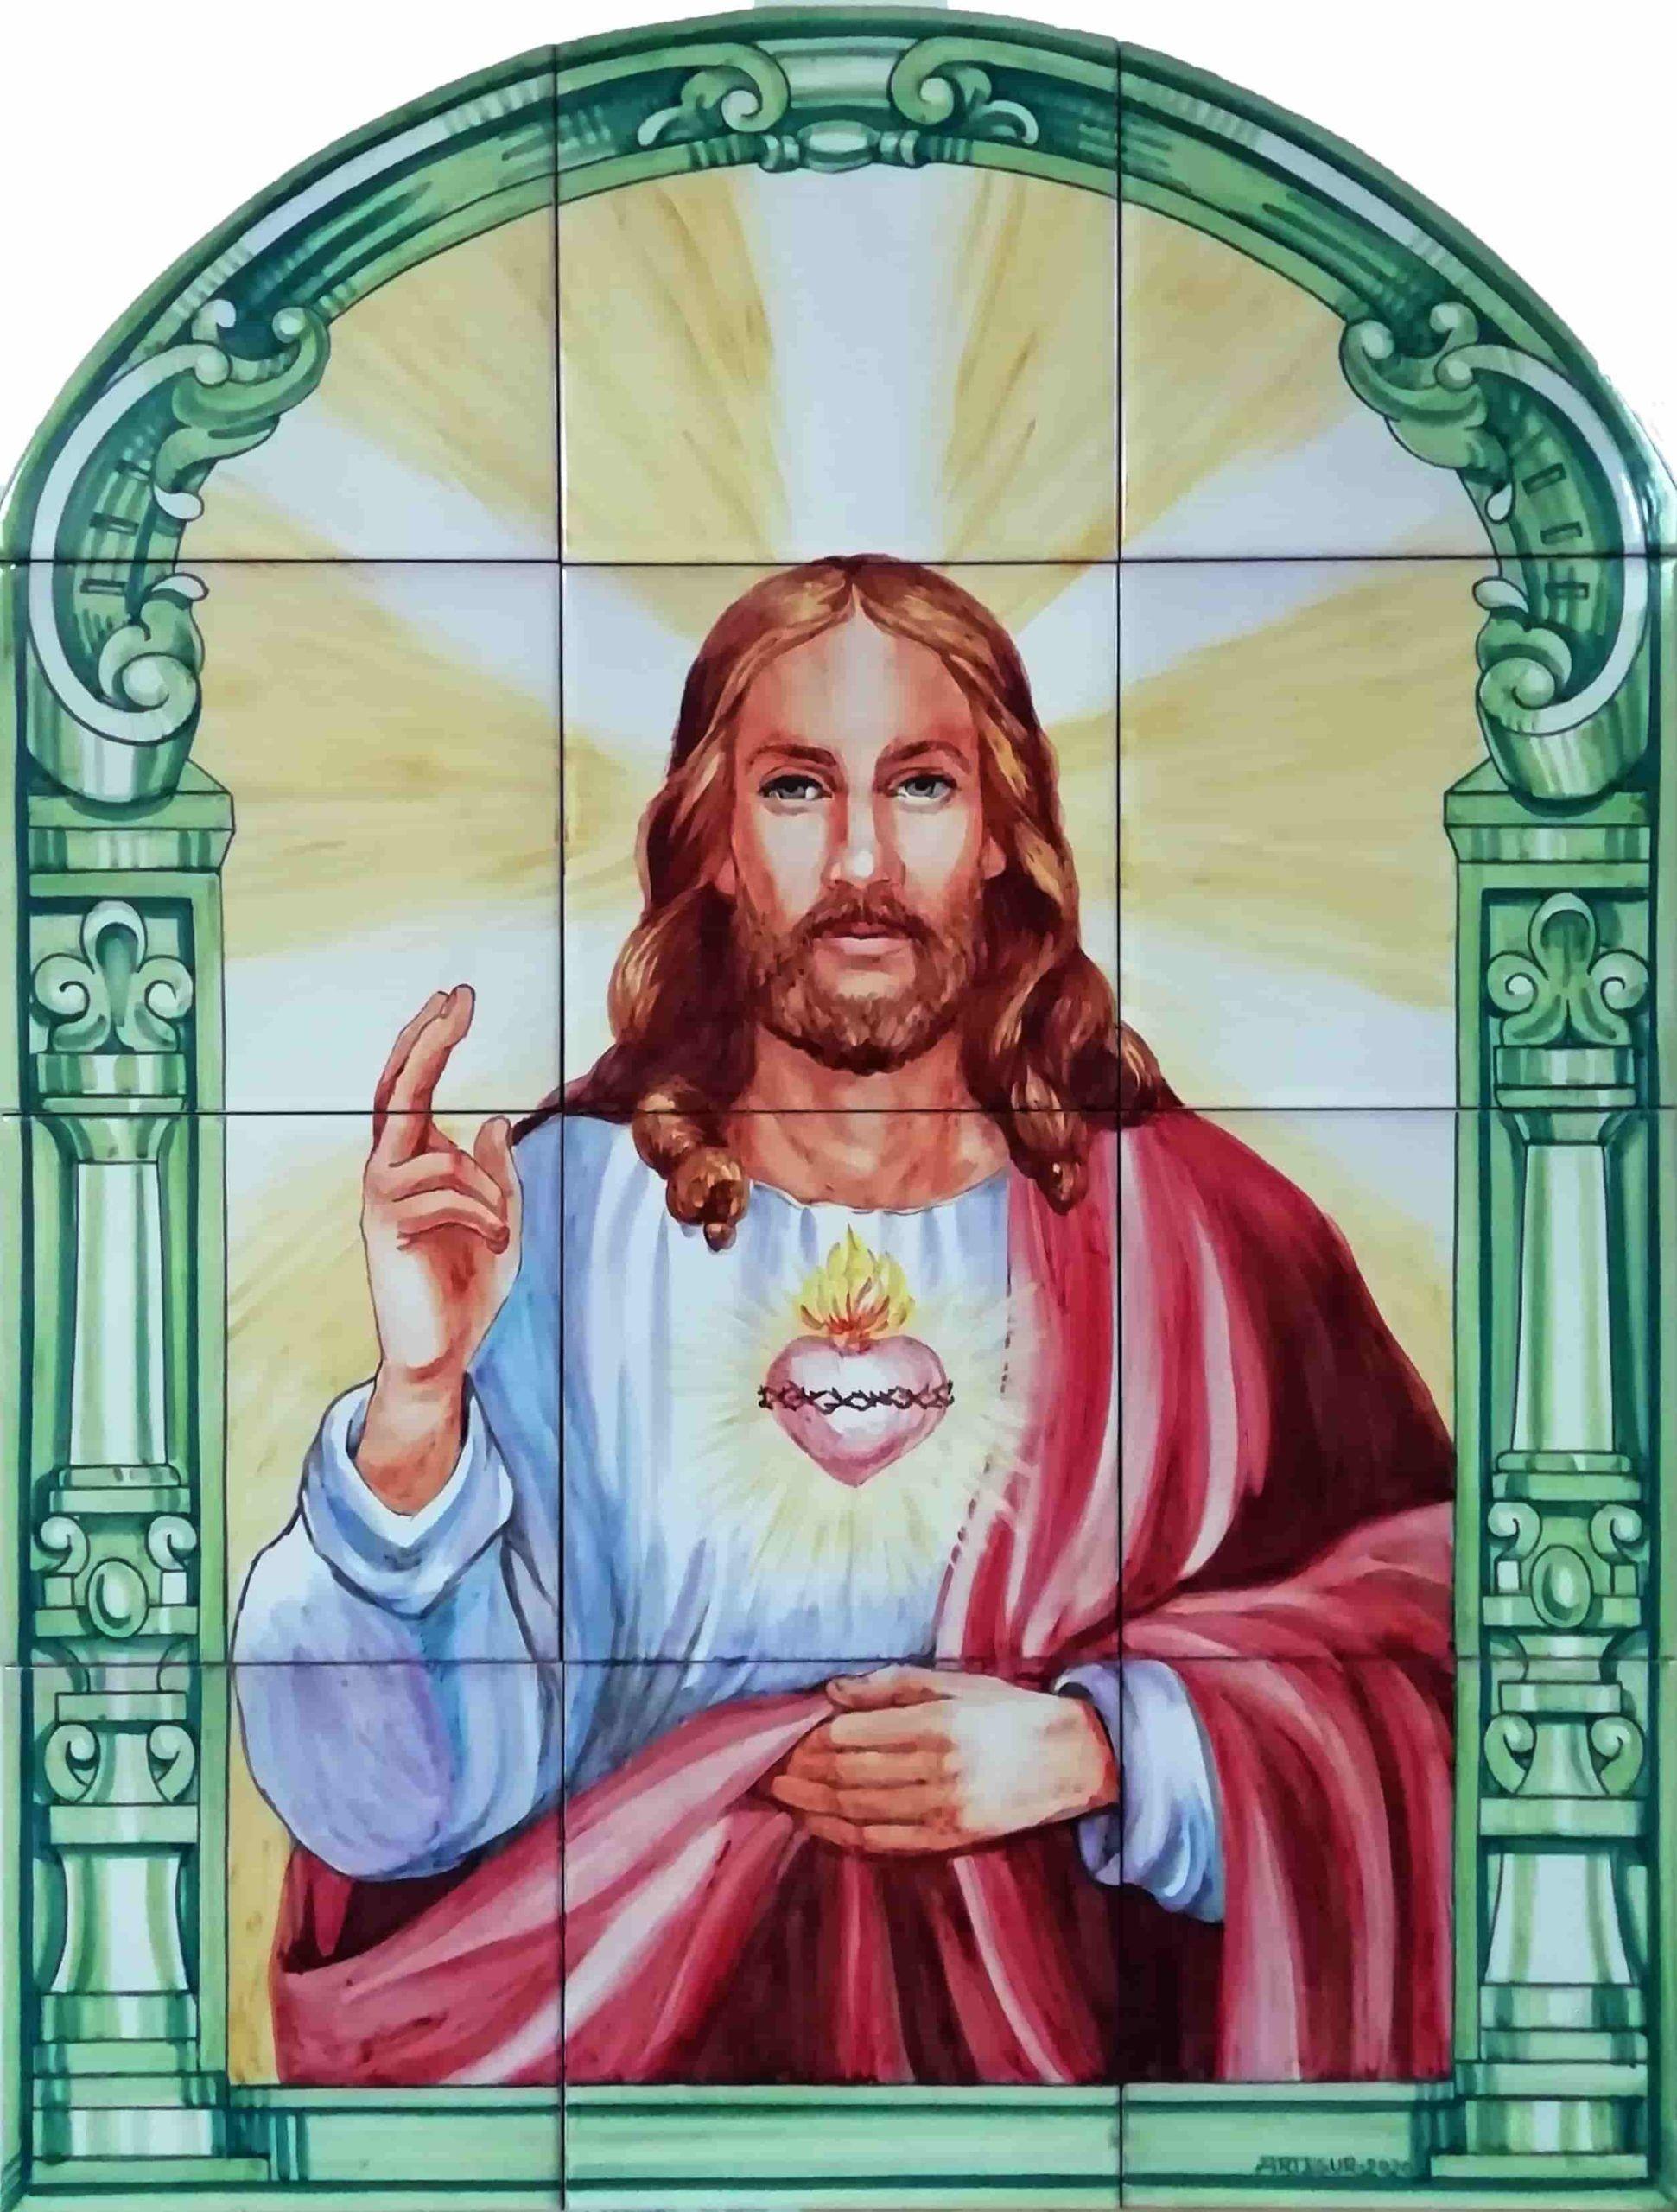 Azulejos artesanos pintados a mano en el estilo sevillano - Artesur- Corazón de Jesús 80x60-75591